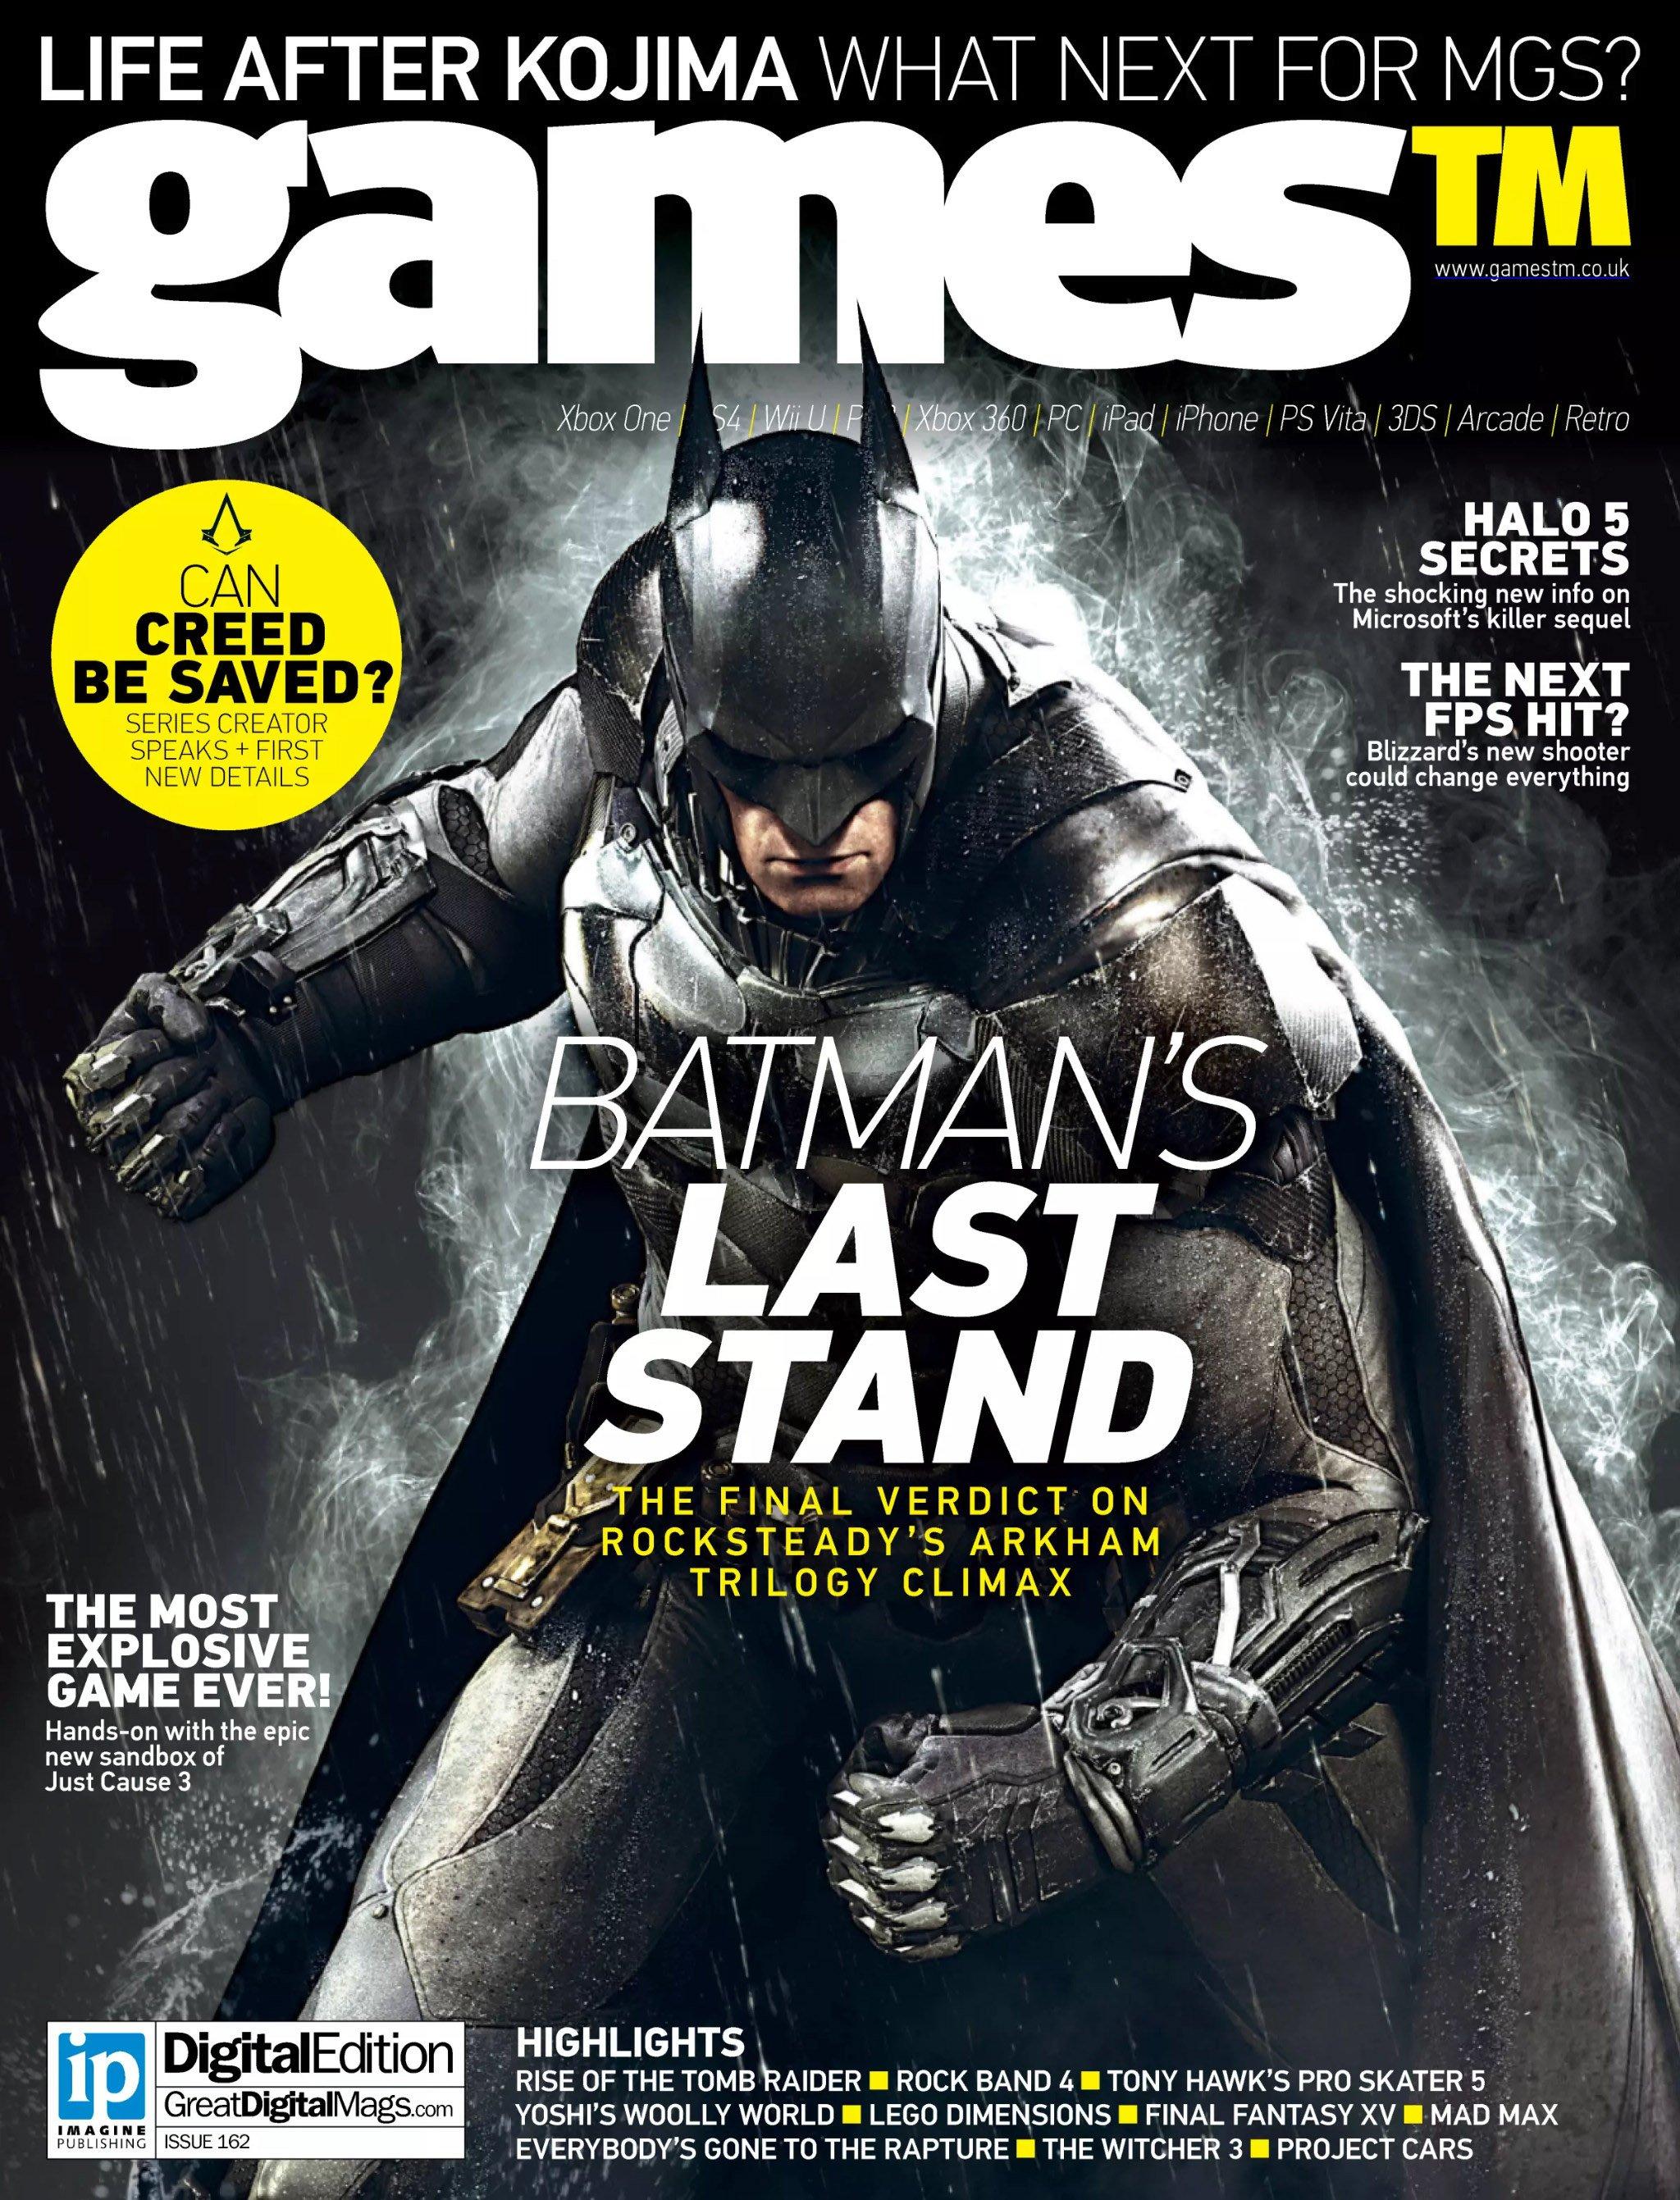 Games TM Issue 162 (June 2015)